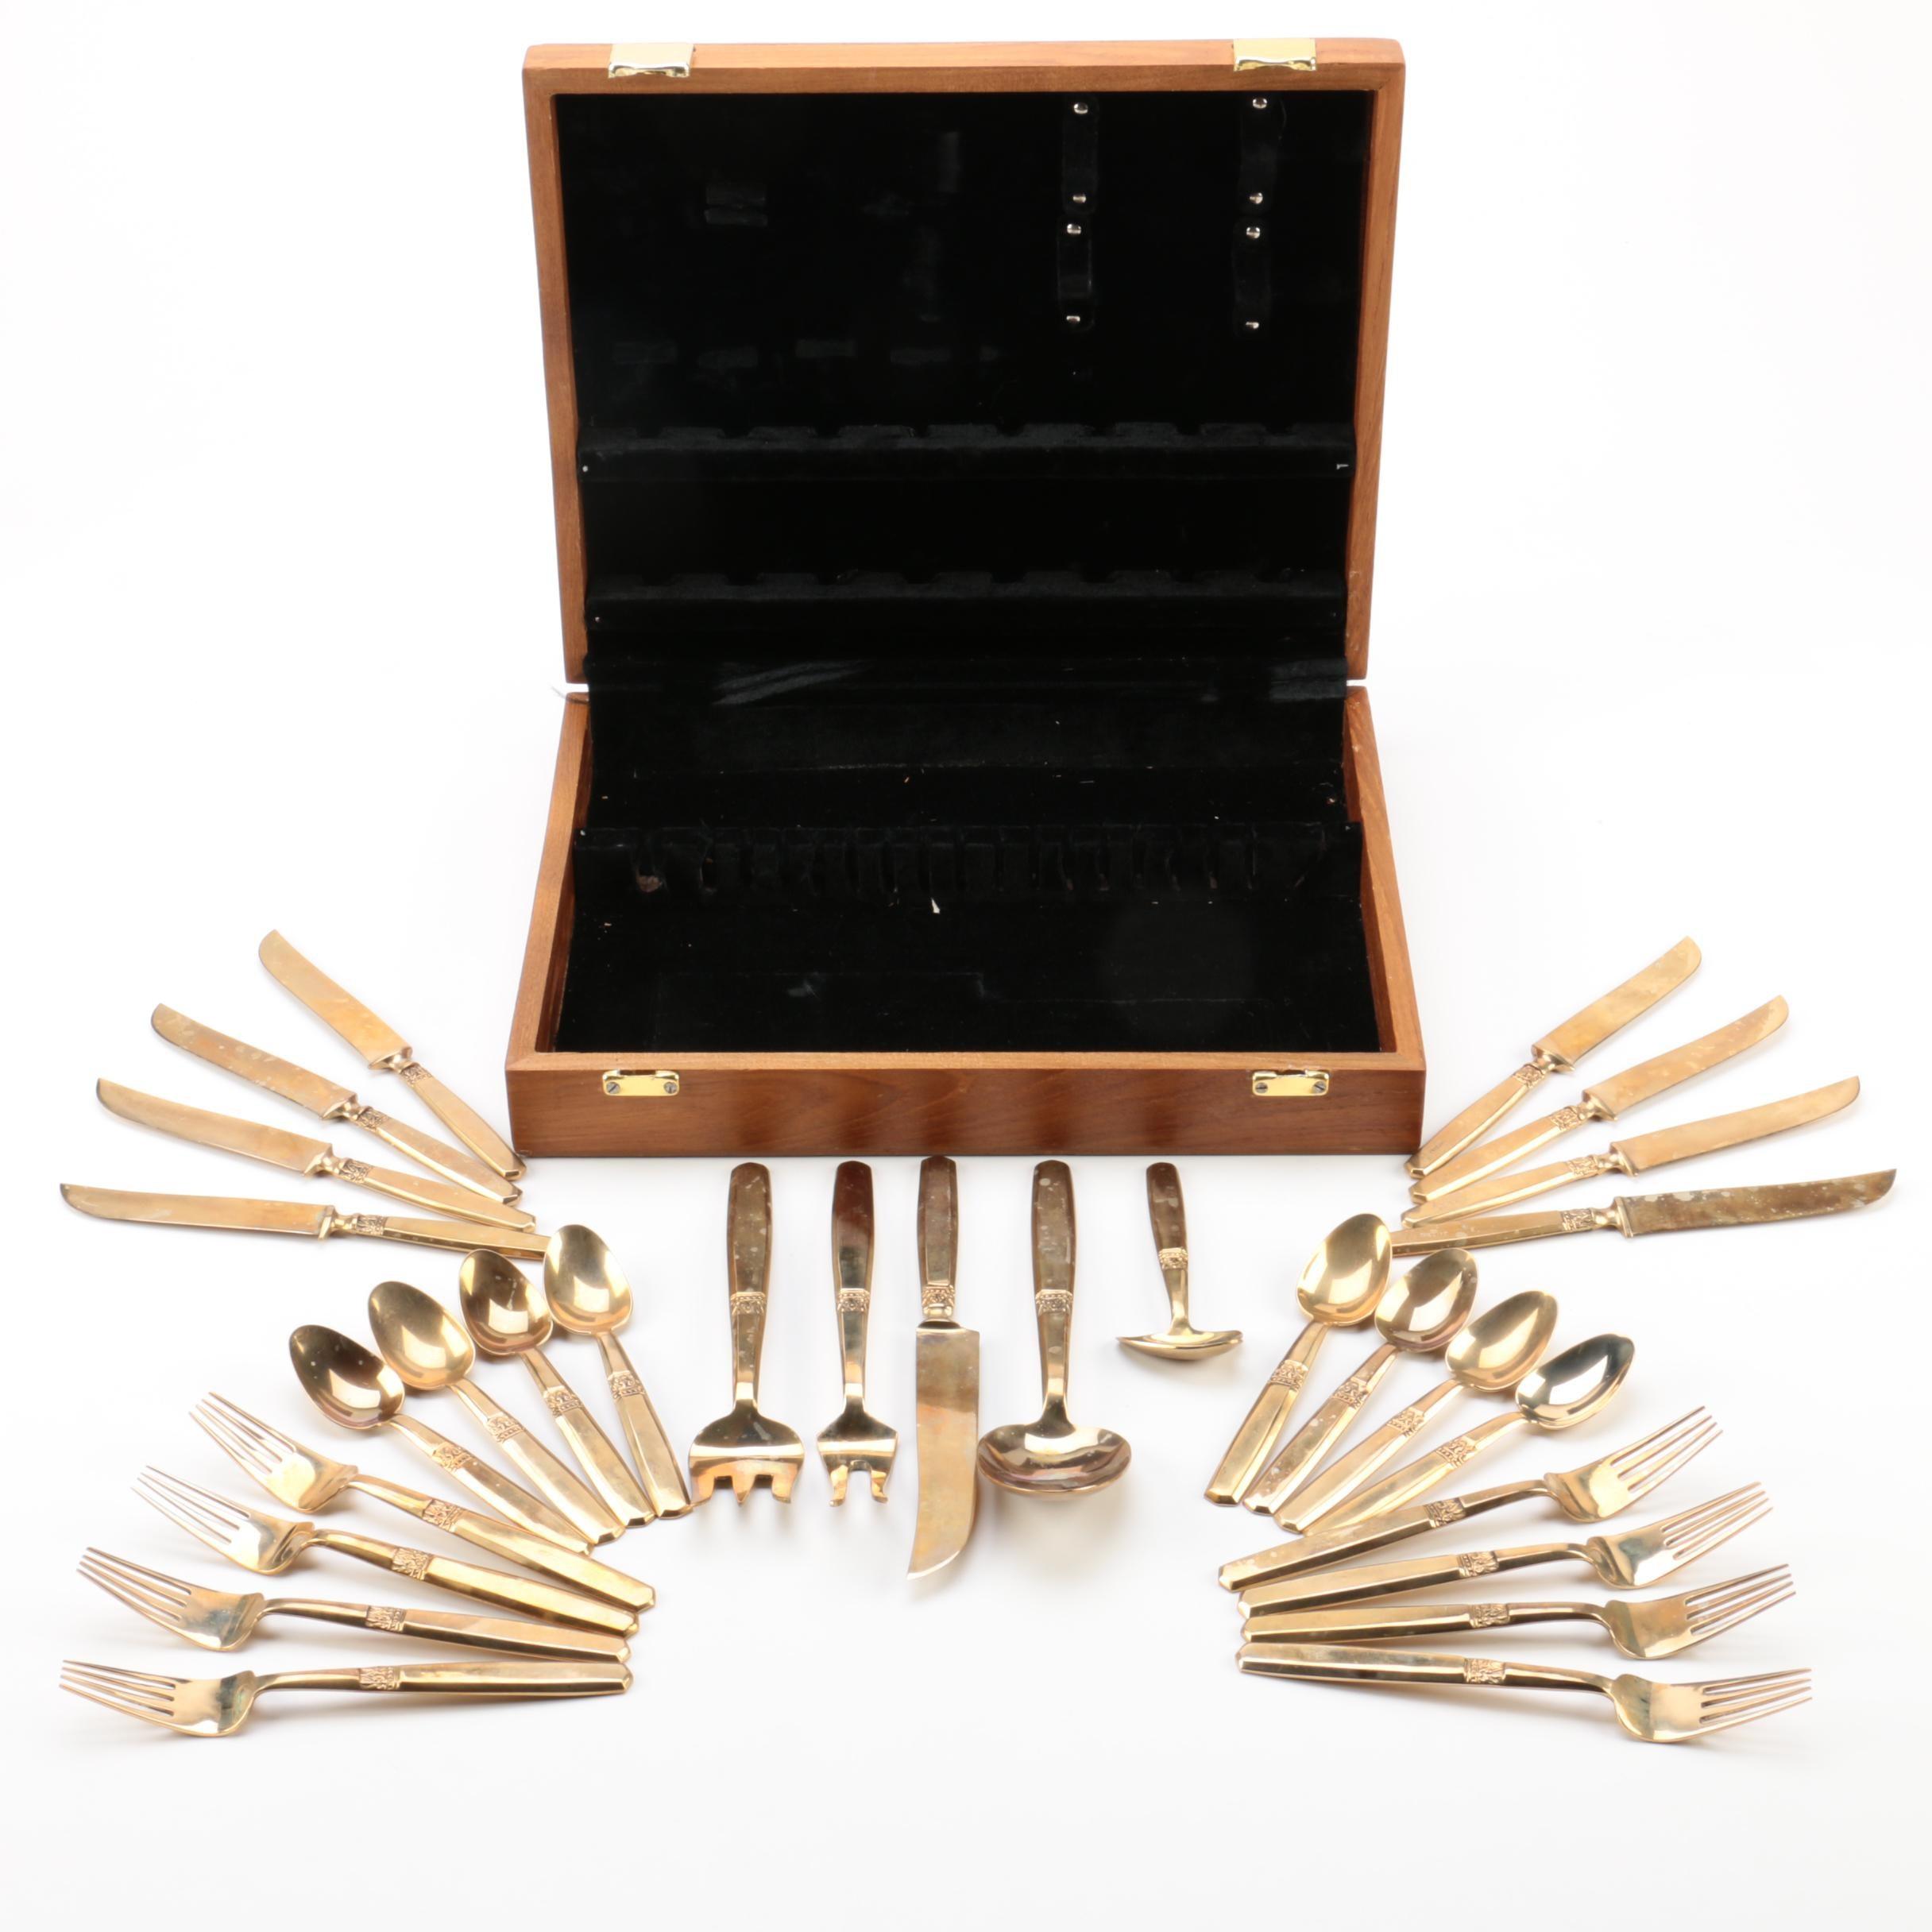 Thailand Brass Flatware Set with Wooden Flatware Storage Chest